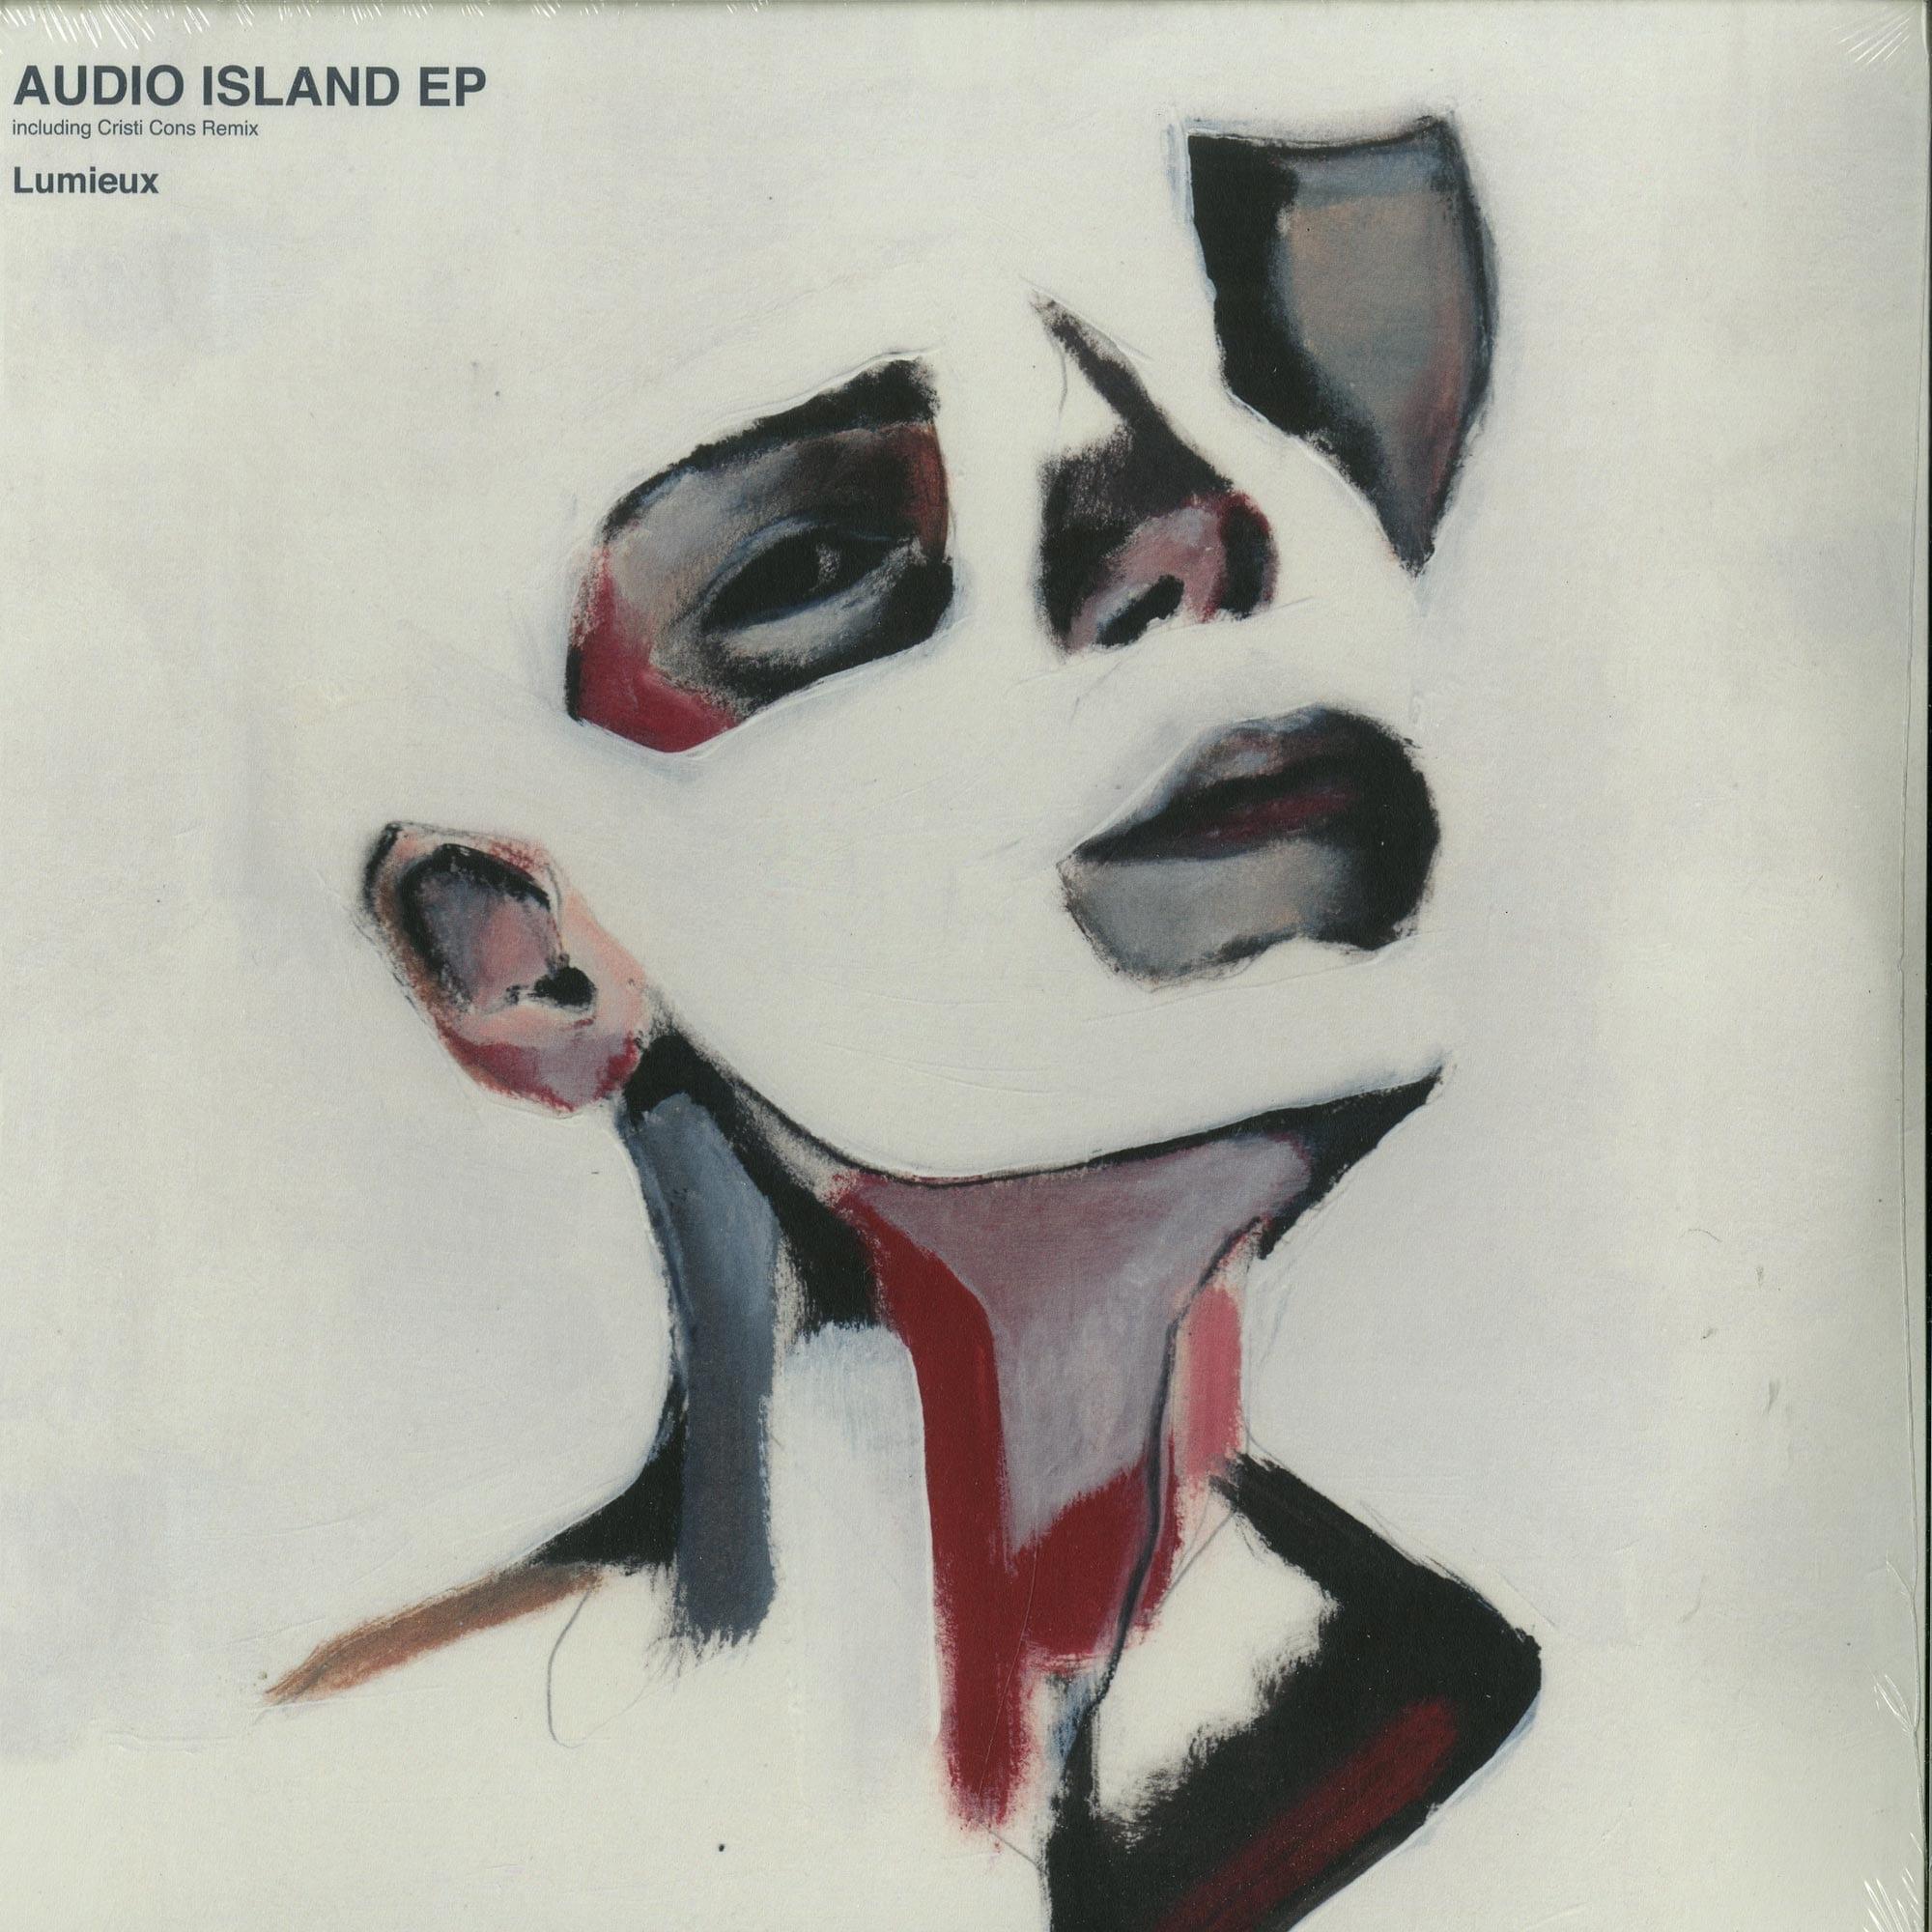 Lumieux - Audio Island EP [Abartik] front